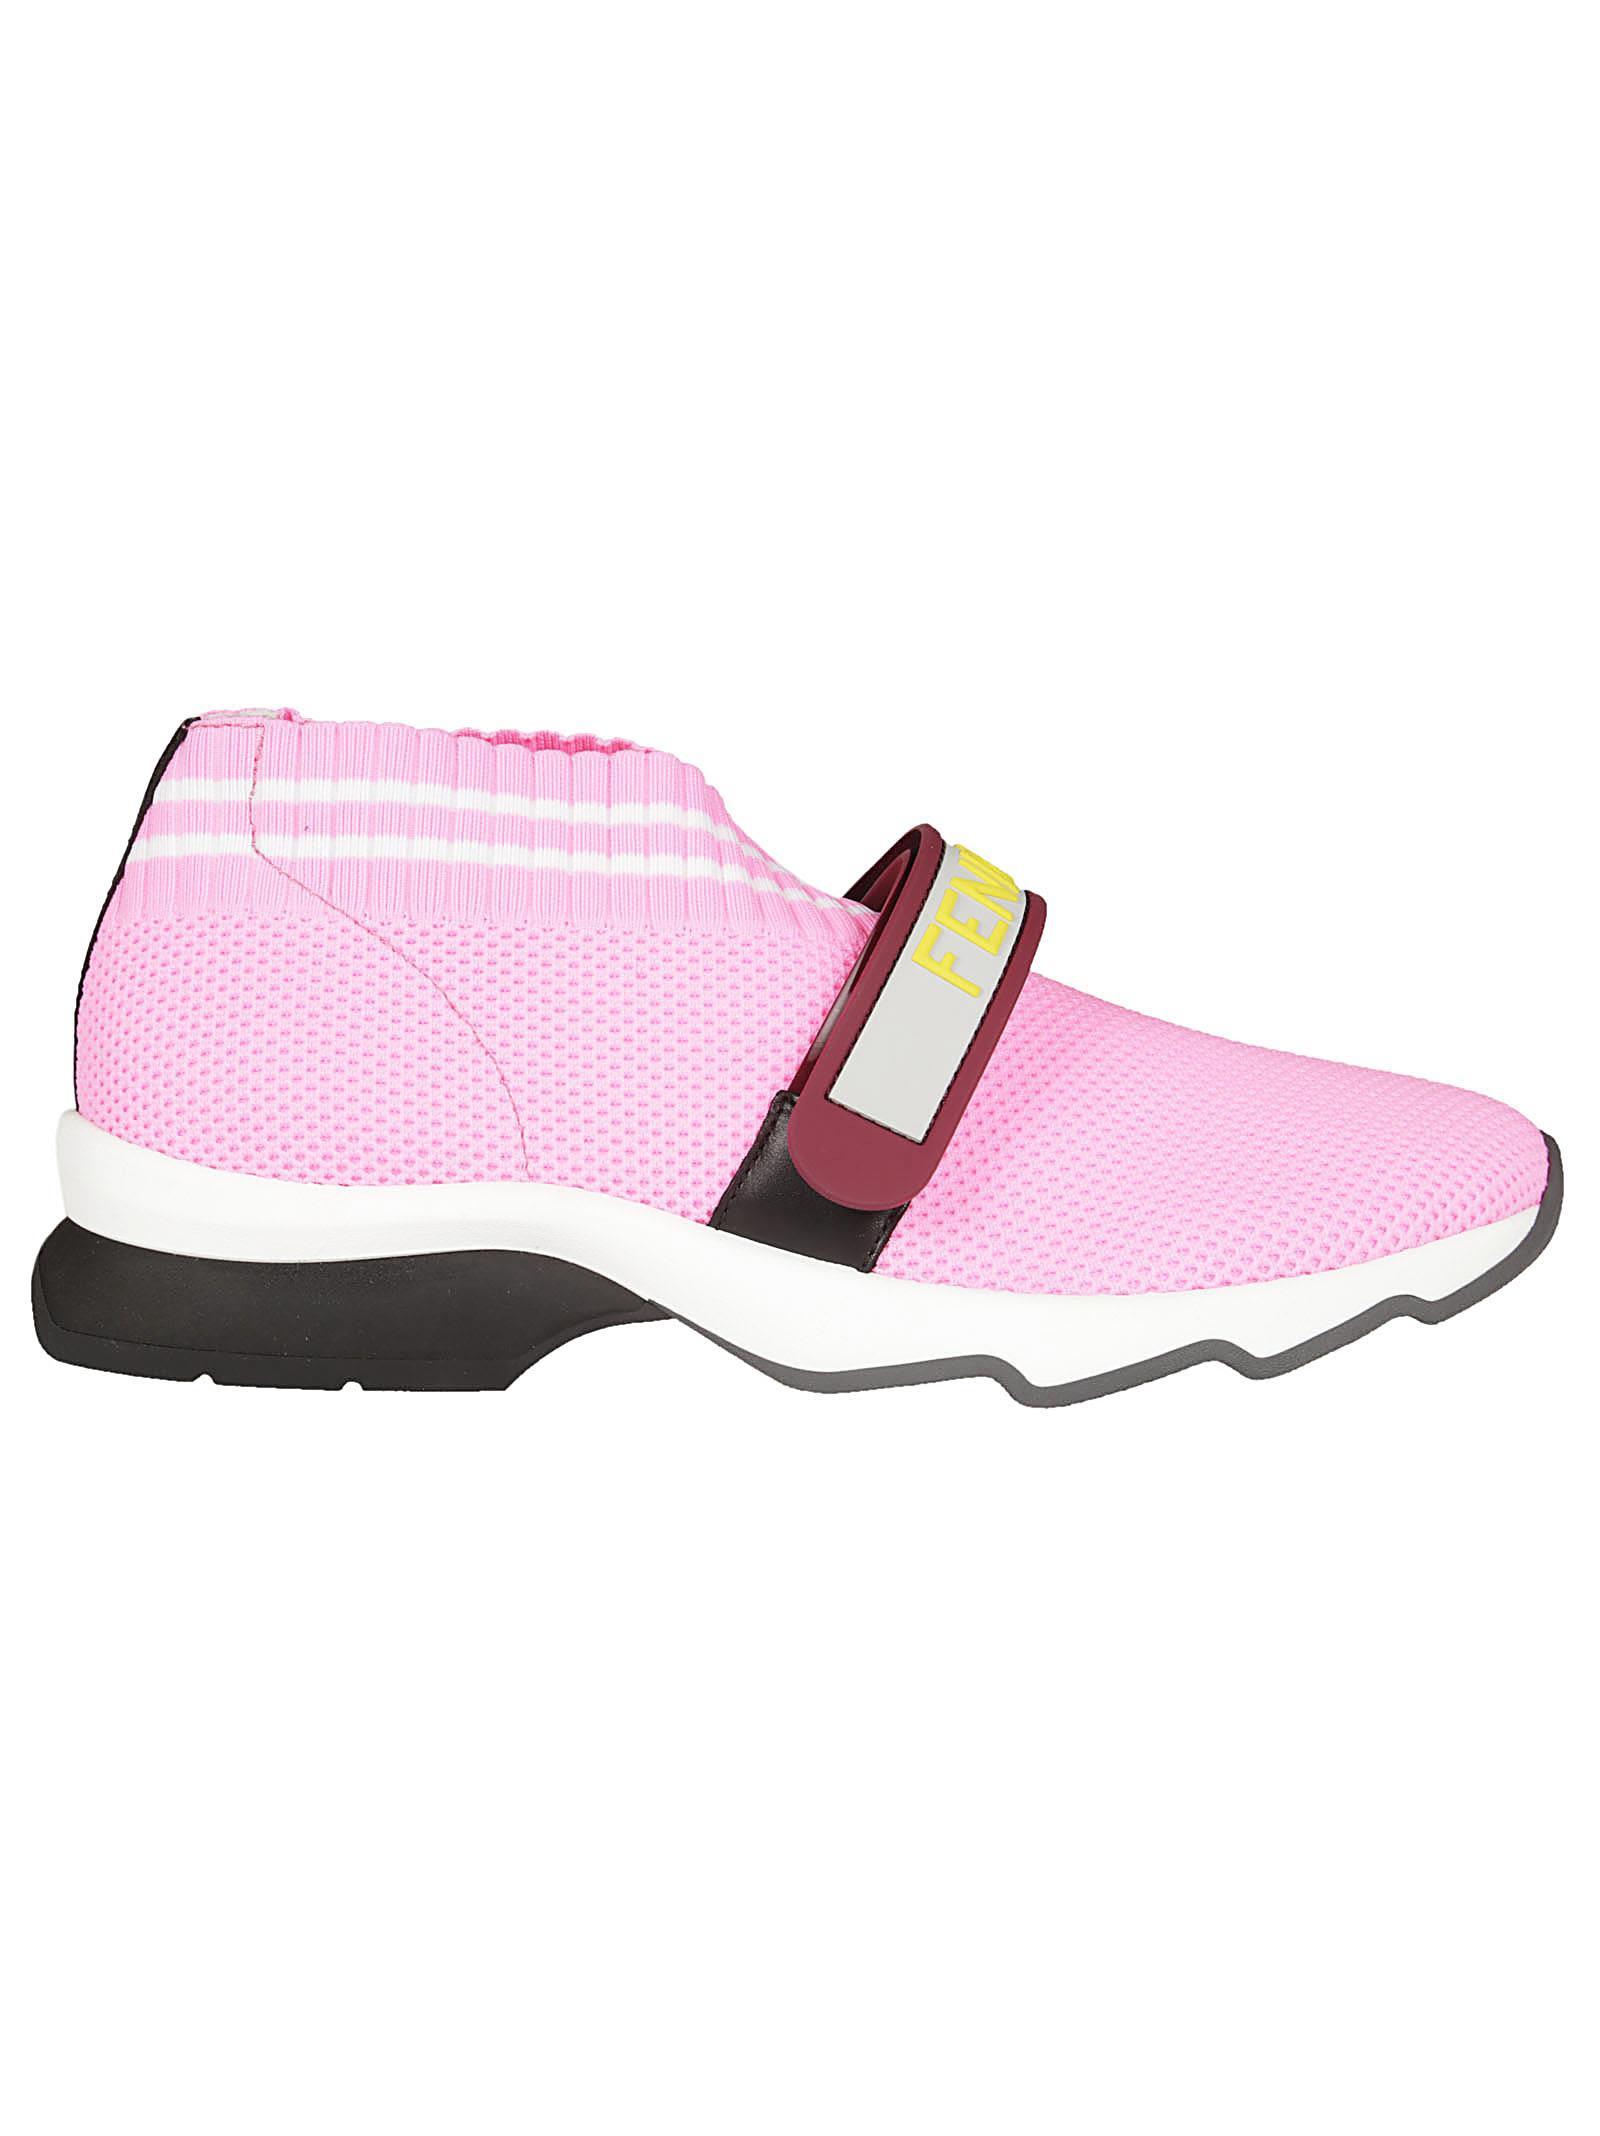 Fendi Branded Slip On Sneakers How Much VLG67